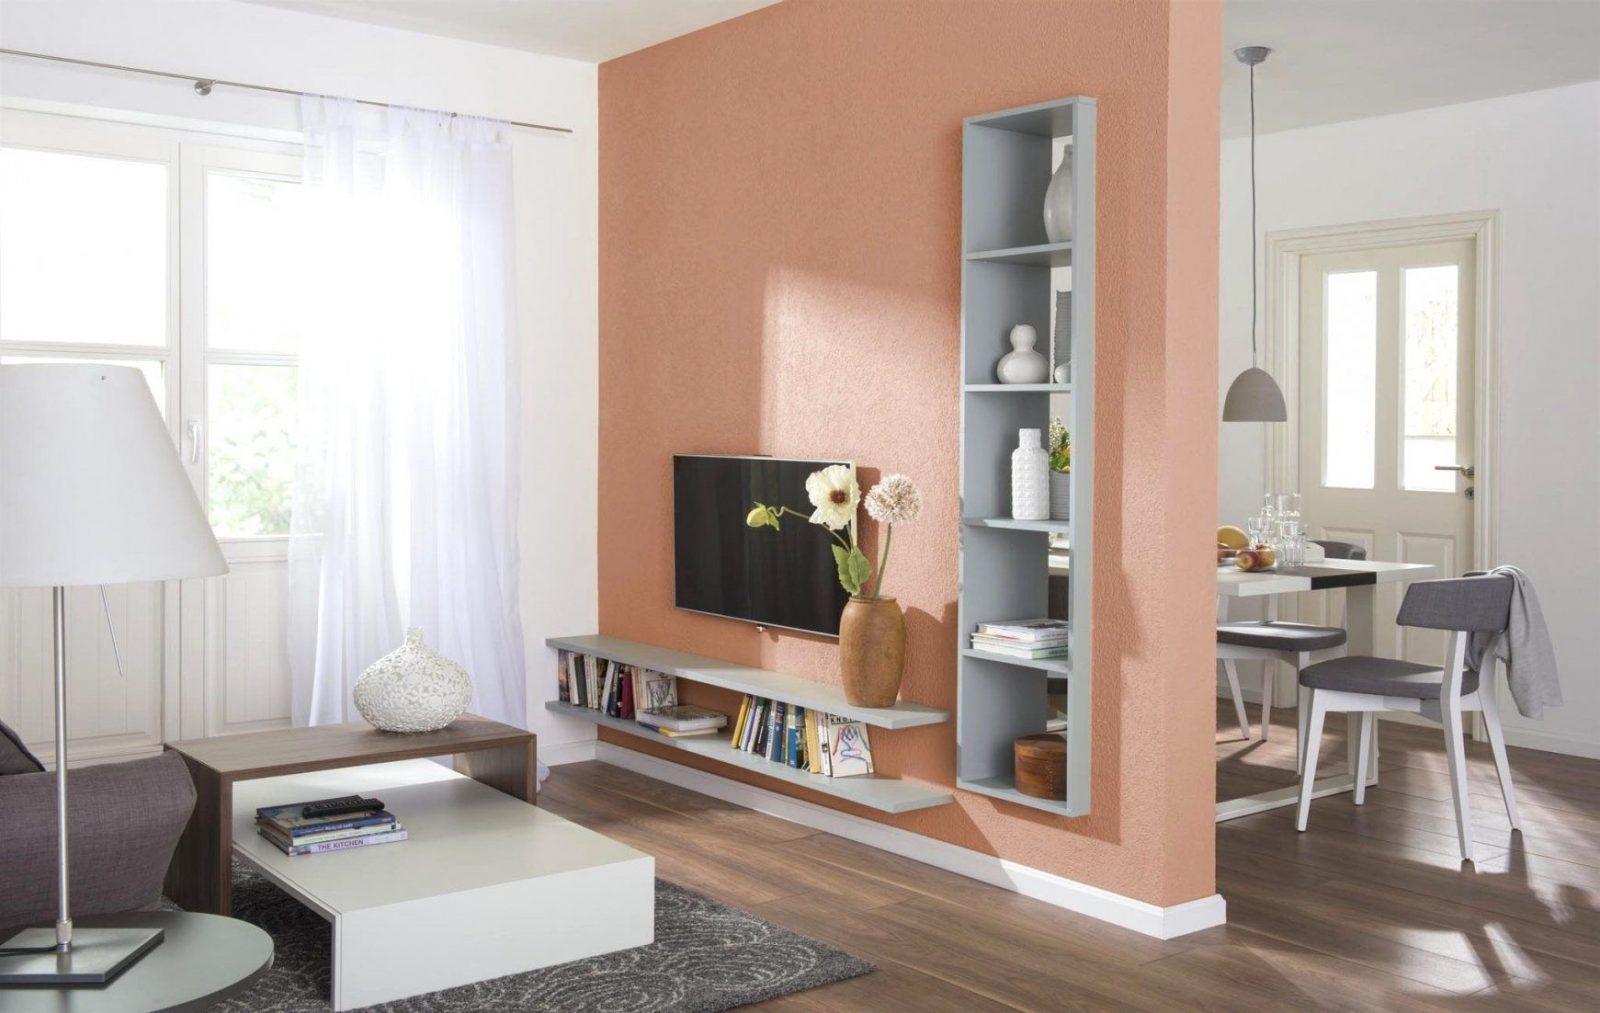 Wohnideen Fur Kleine Wohnung – Eyesopen von Kleine Wohnung Einrichten Intelligente Wände Bild